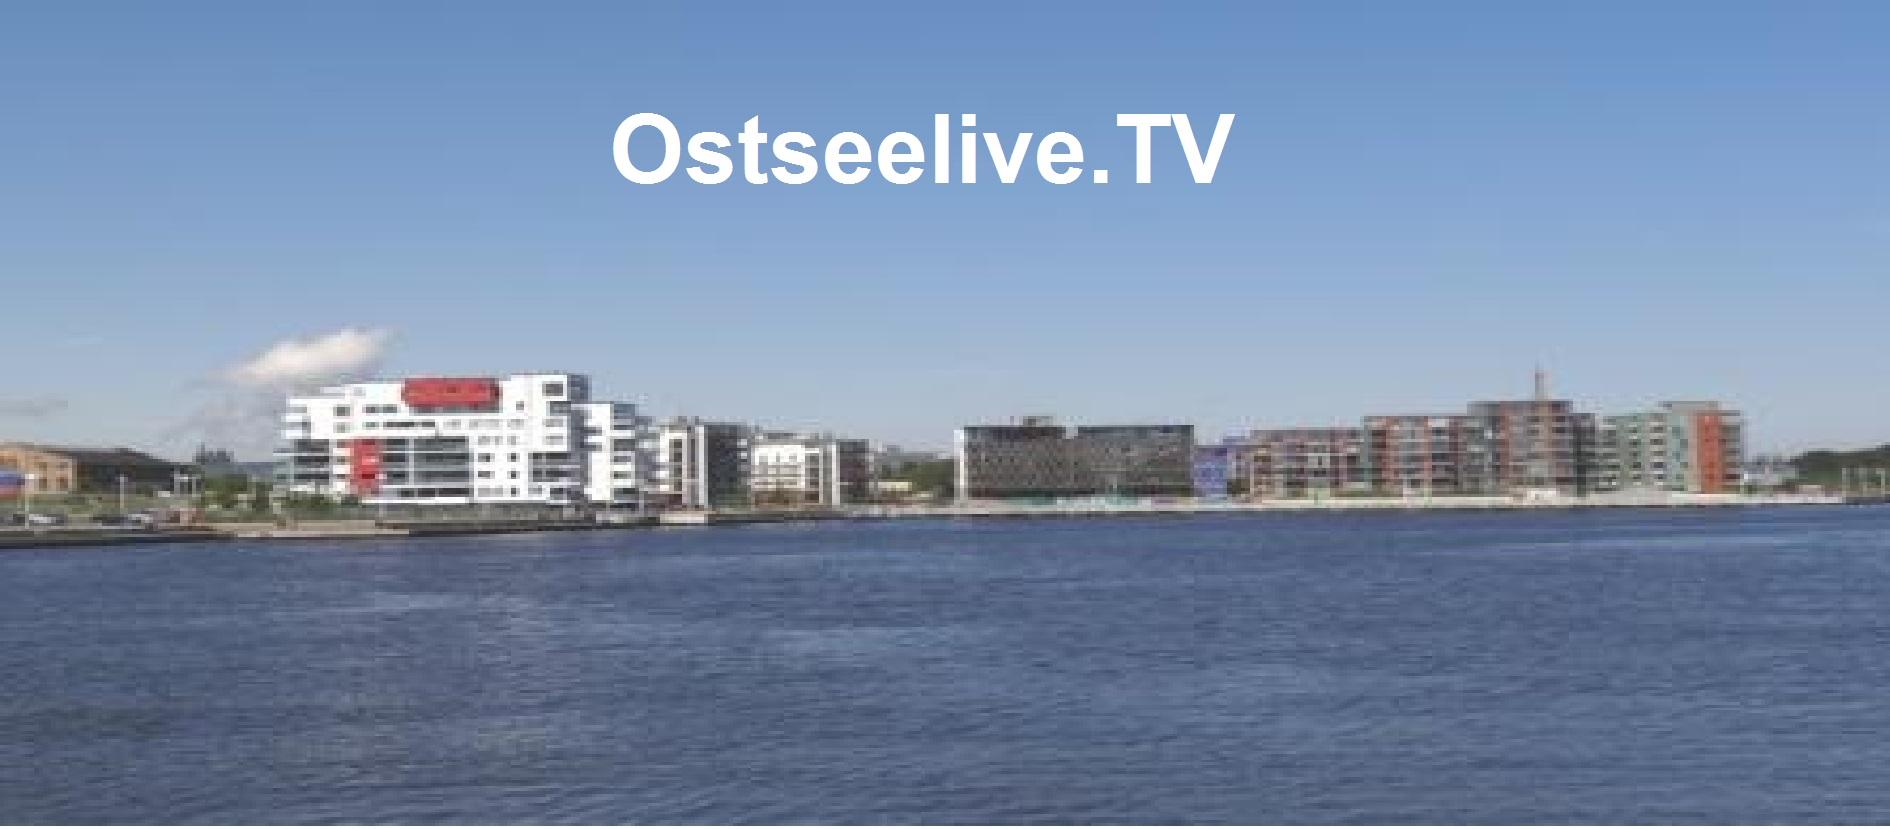 Ostseelive.TV | Blick auf das Warnowufer der Hansestadt Rostock. Foto: Eckart Kreitlow